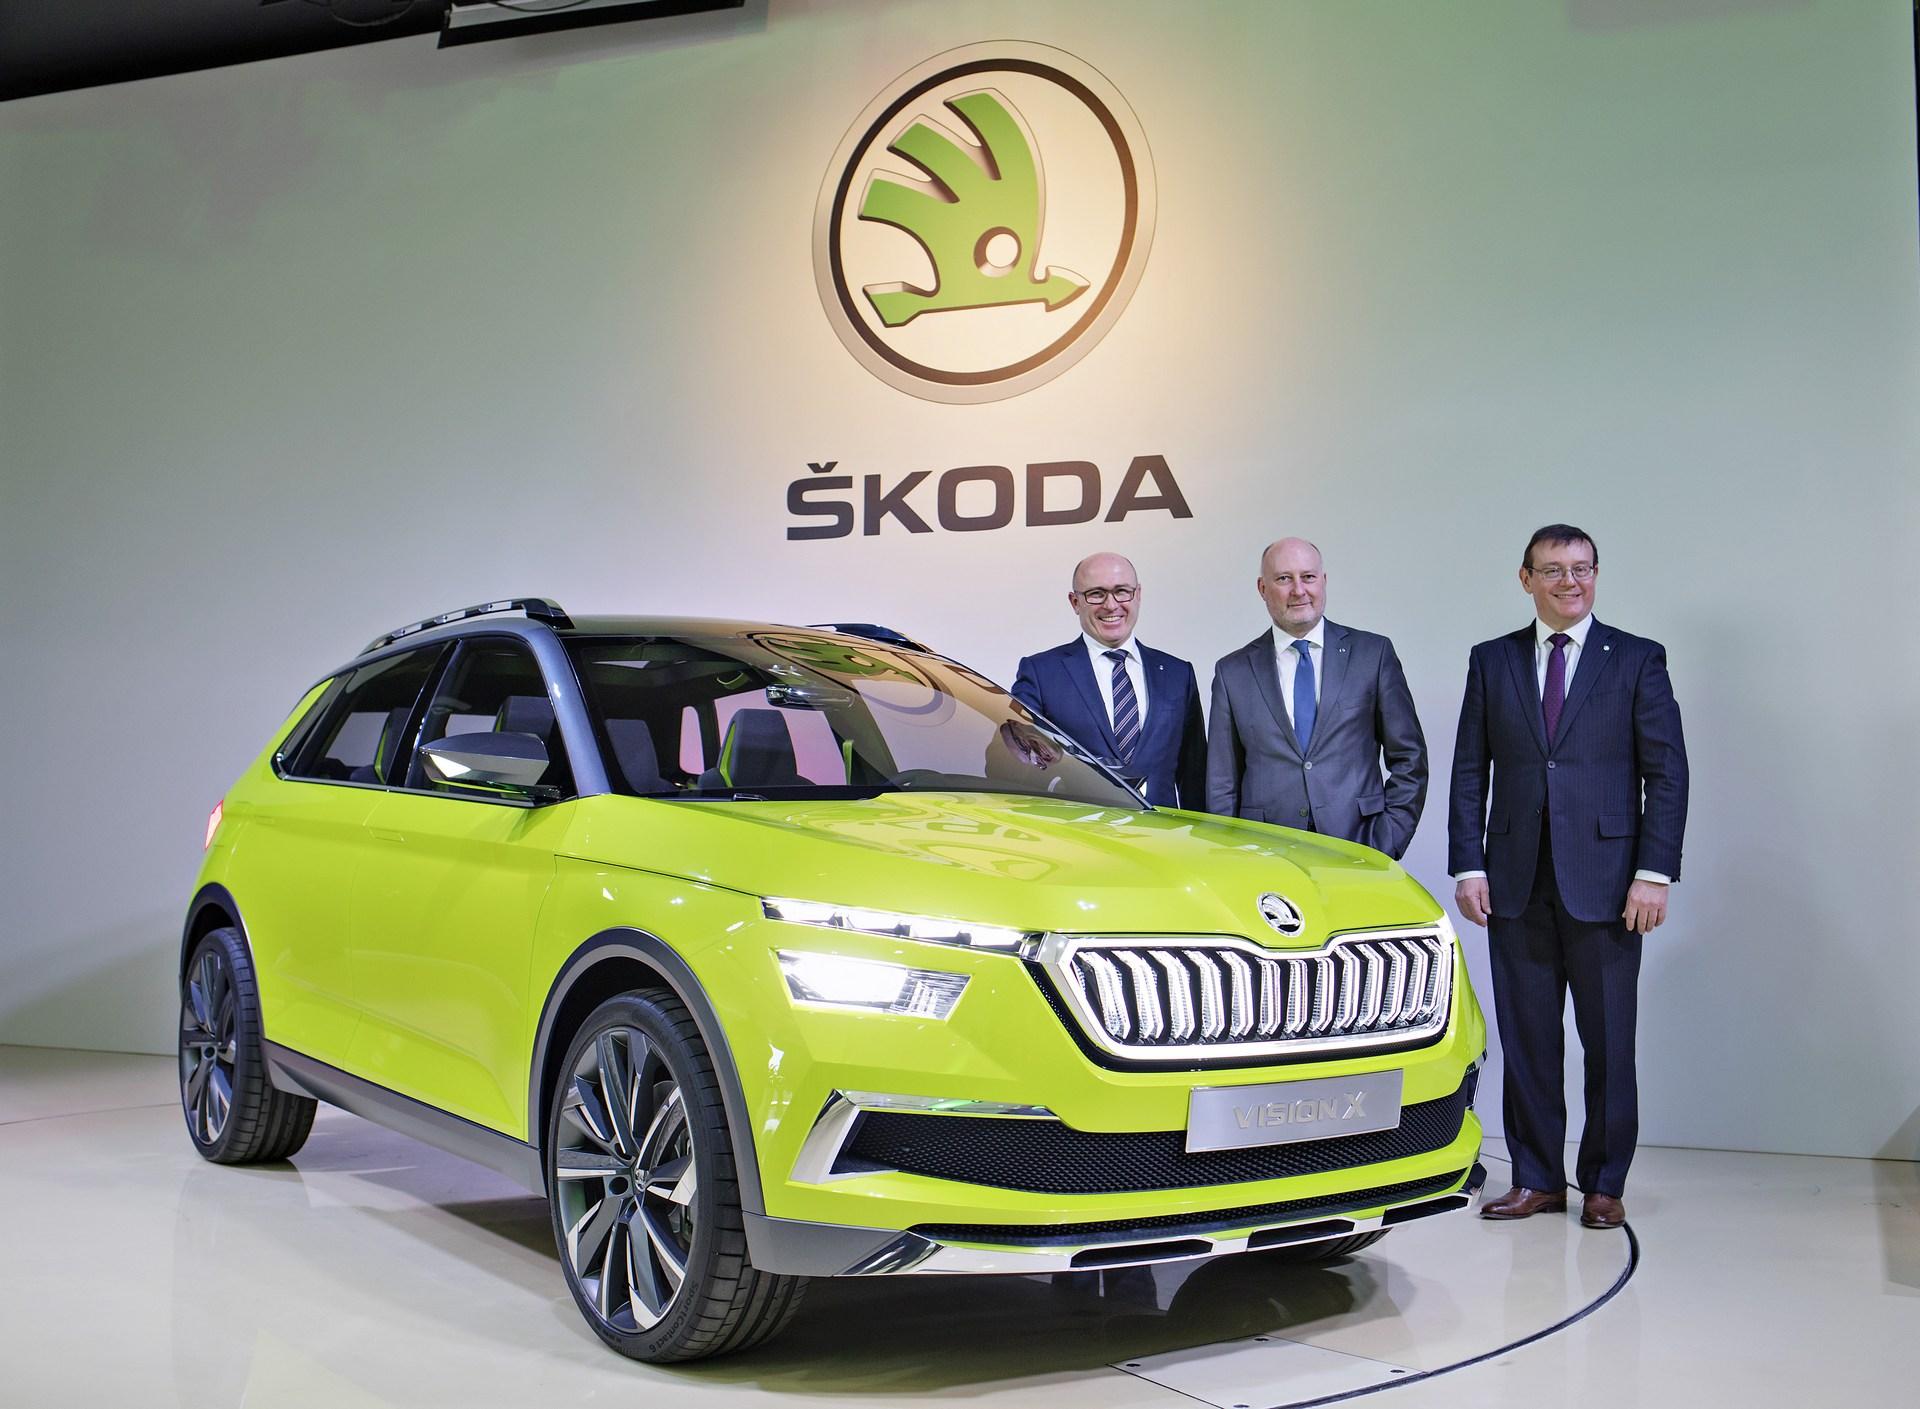 Skoda_Press_Conference_0004